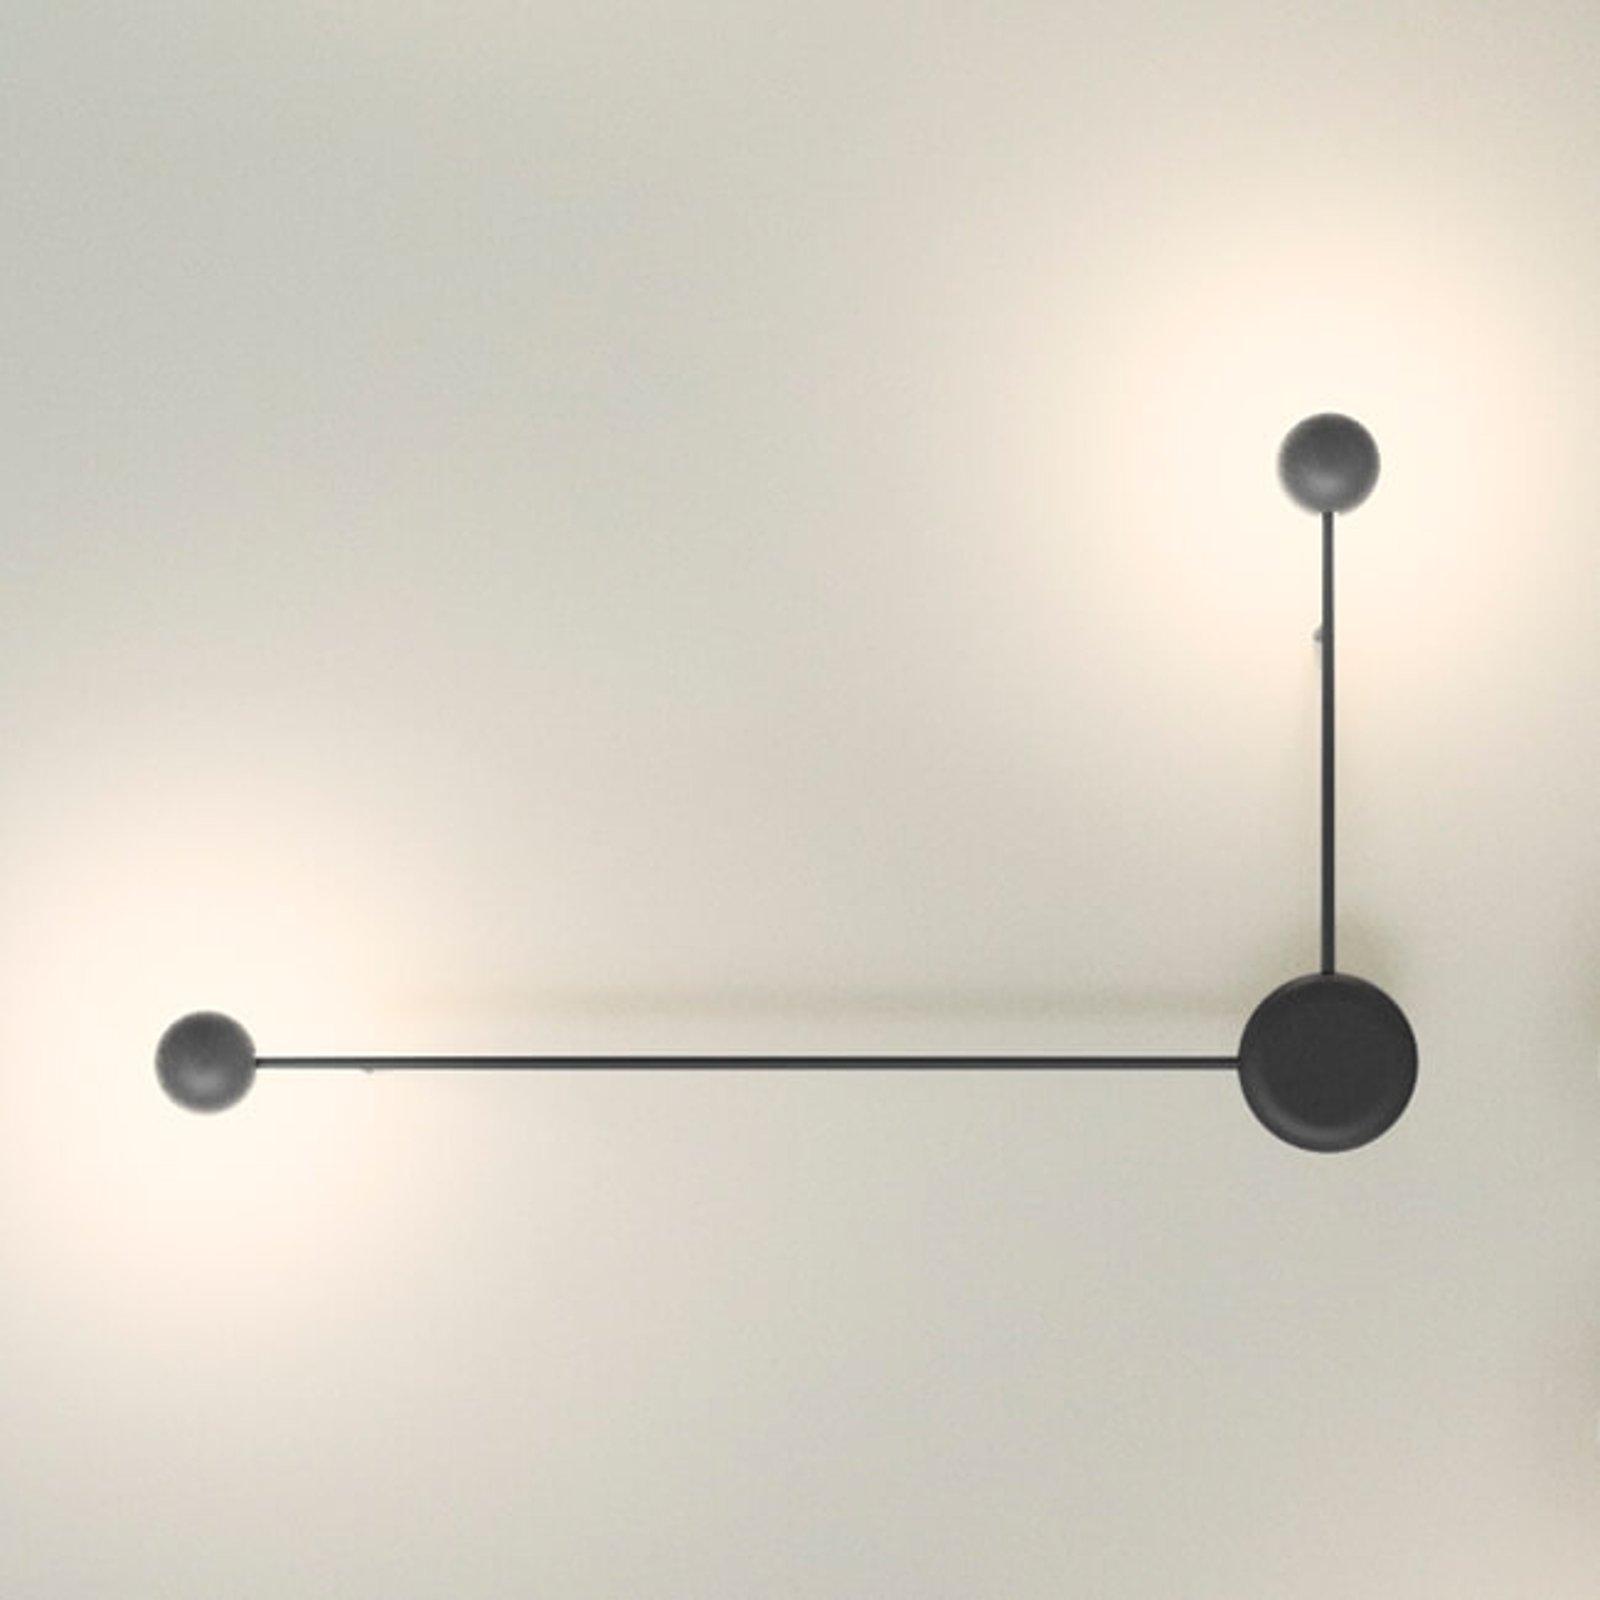 Pin LED vegglampe med 2 lyskilder